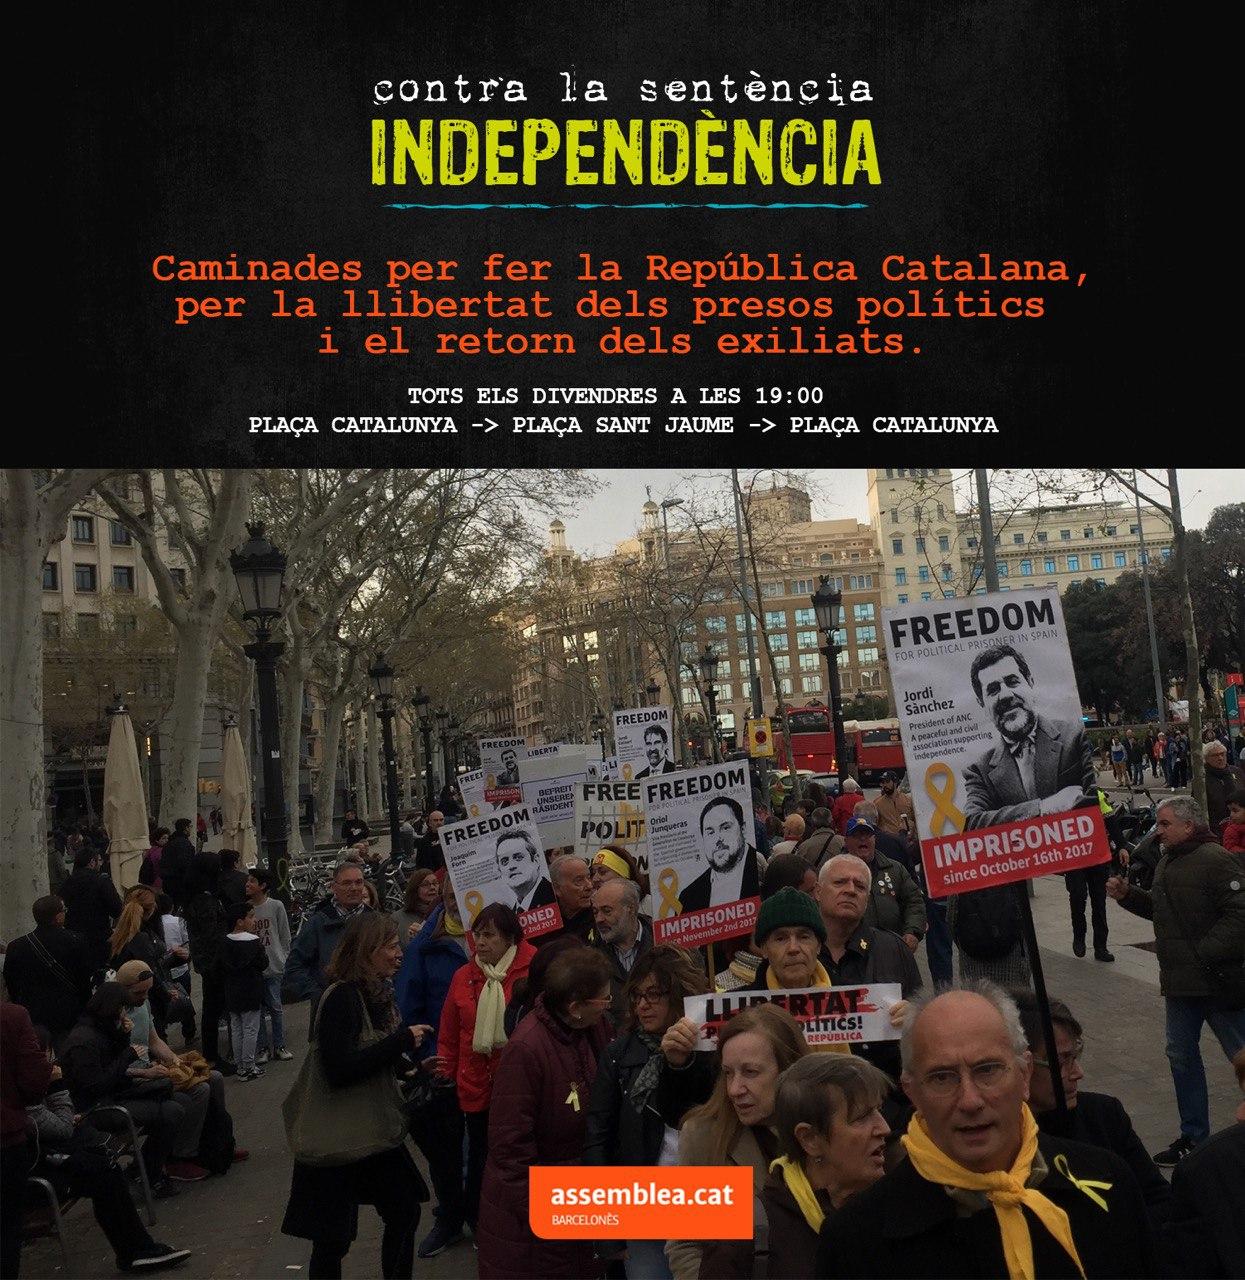 Per fer la República Catalana i alliberar presos polítics, exiliats i represaliats